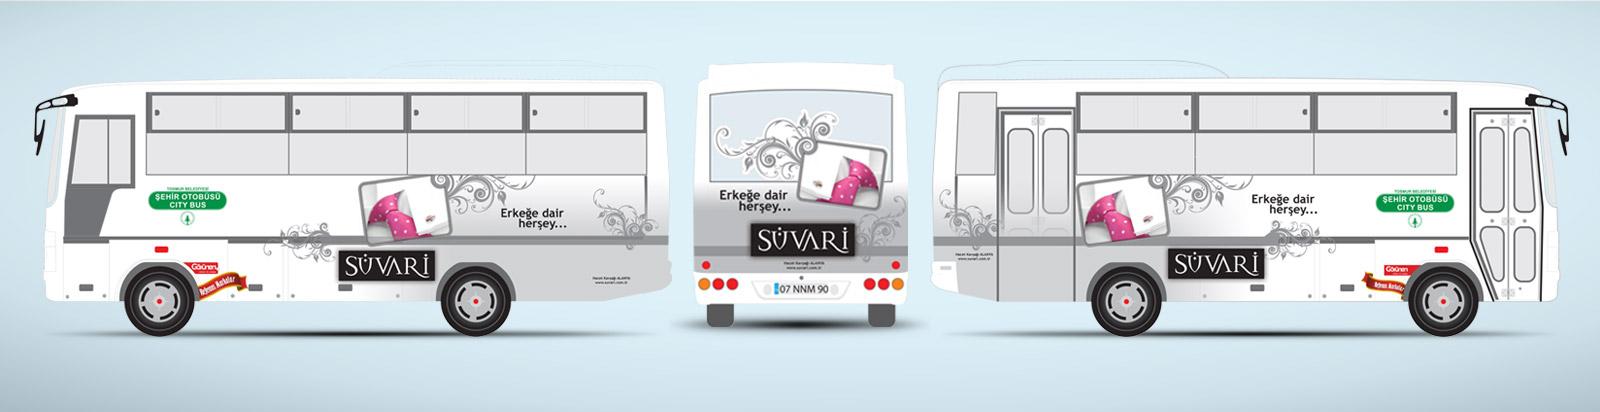 Giyim Mağazası Tanıtımı Halk Otobüsü Reklamı - Süvari